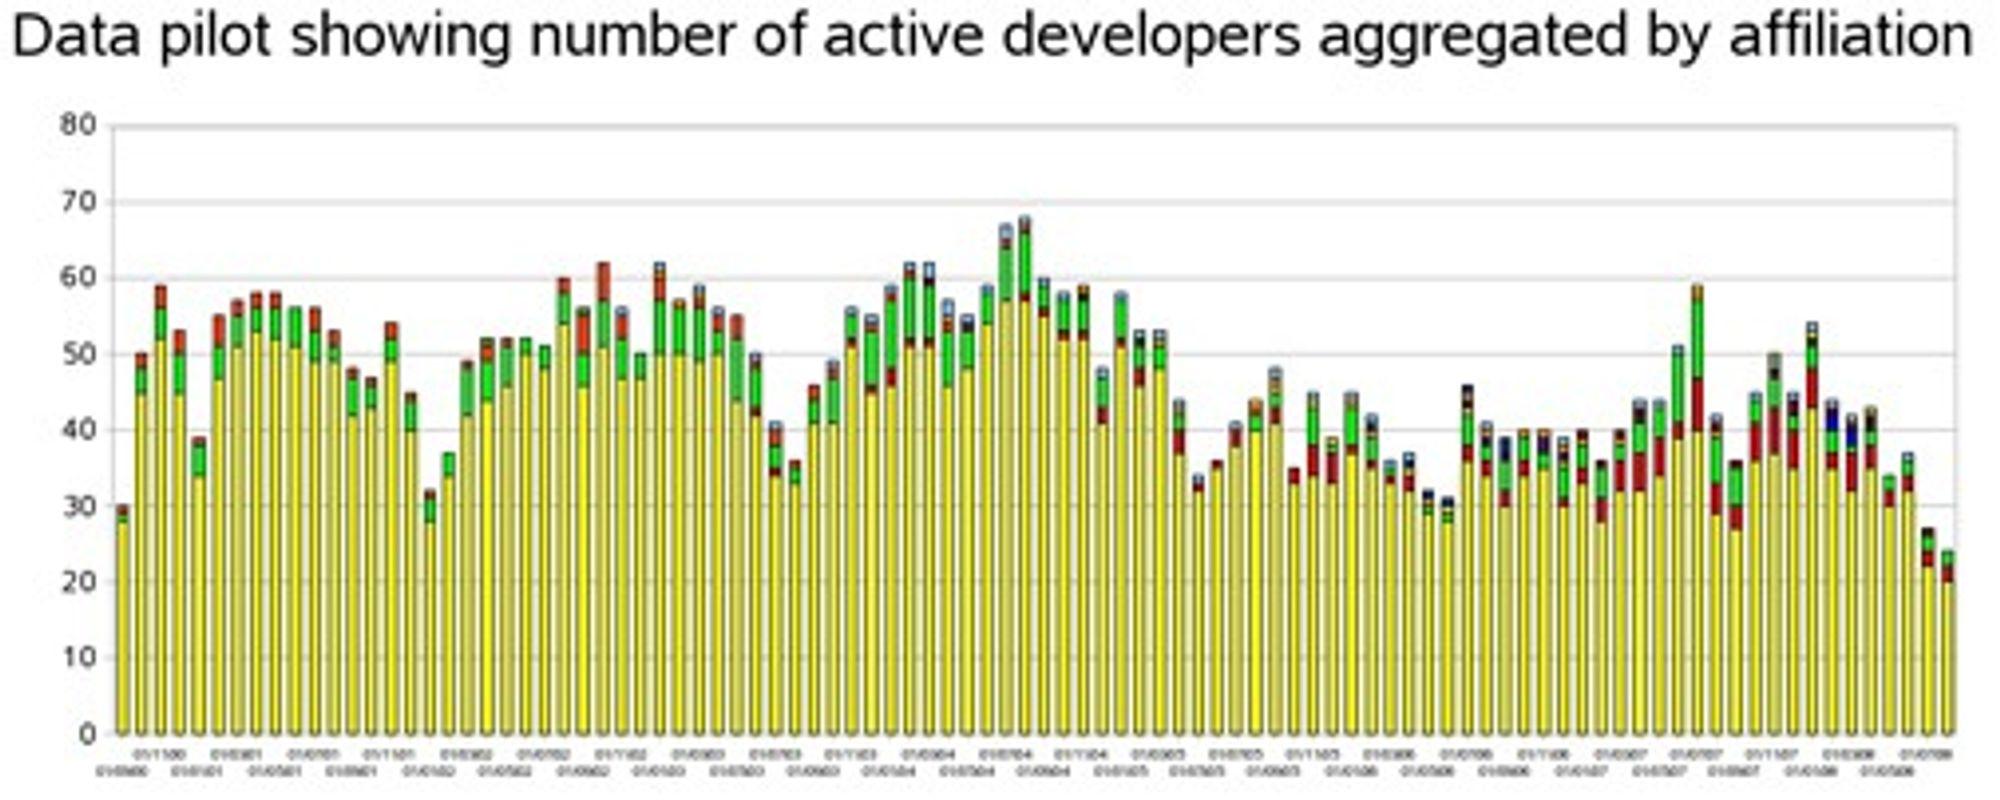 Antallet aktive utviklere knyttet til OpenOffice.org-prosjektet mellom september 2000 og juli 2008.